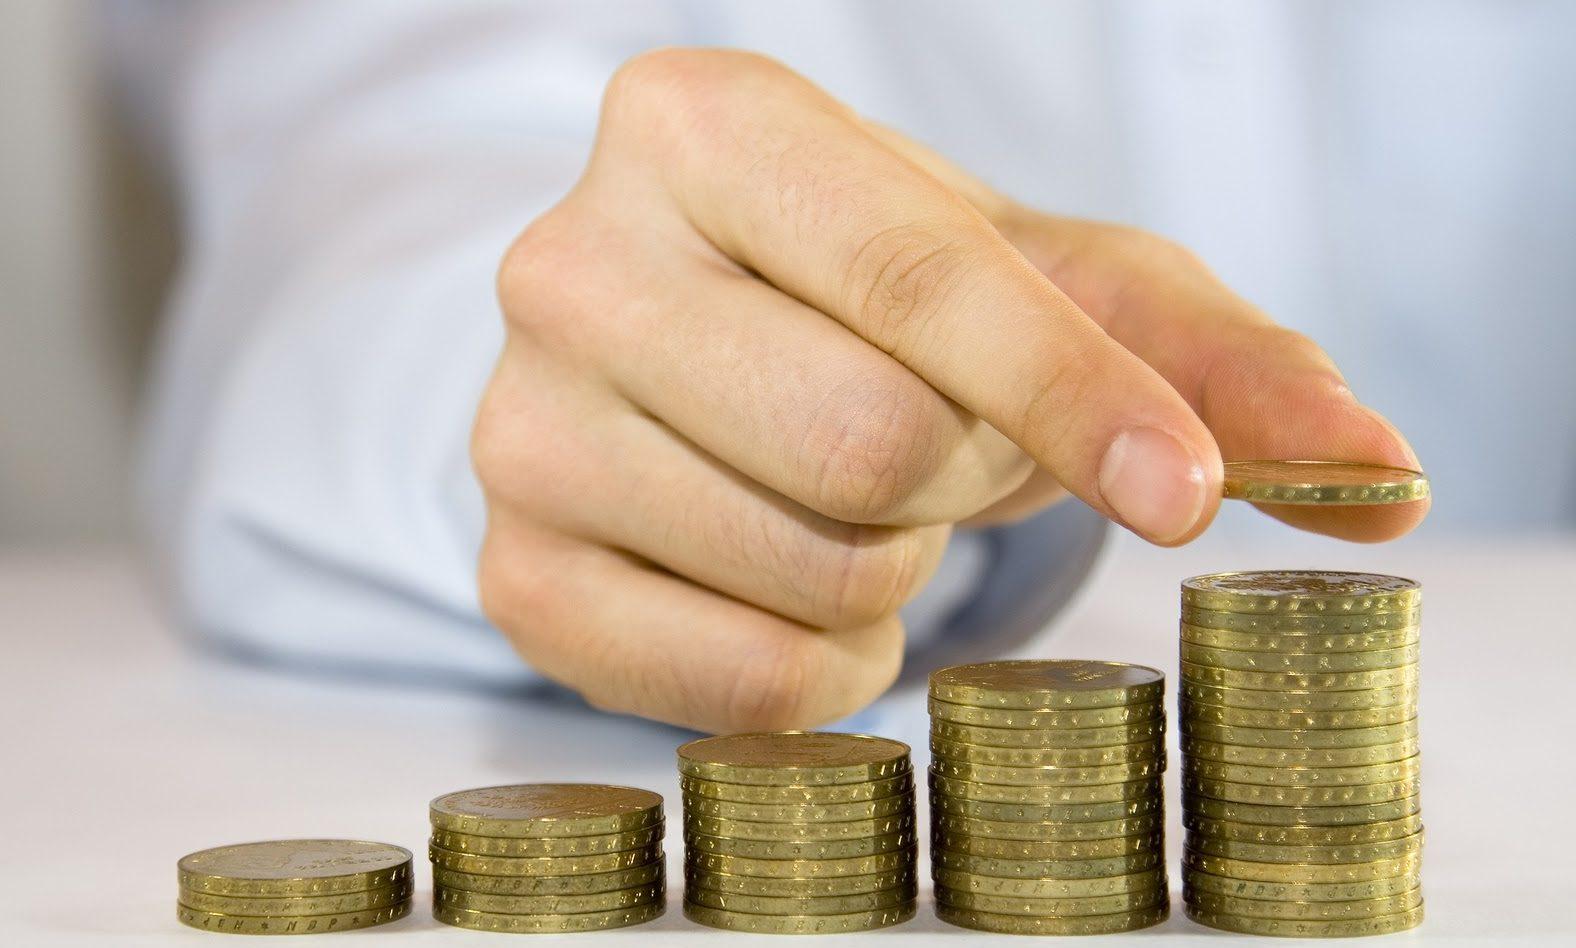 ha diák vagy, hogyan lehet pénzt keresni)